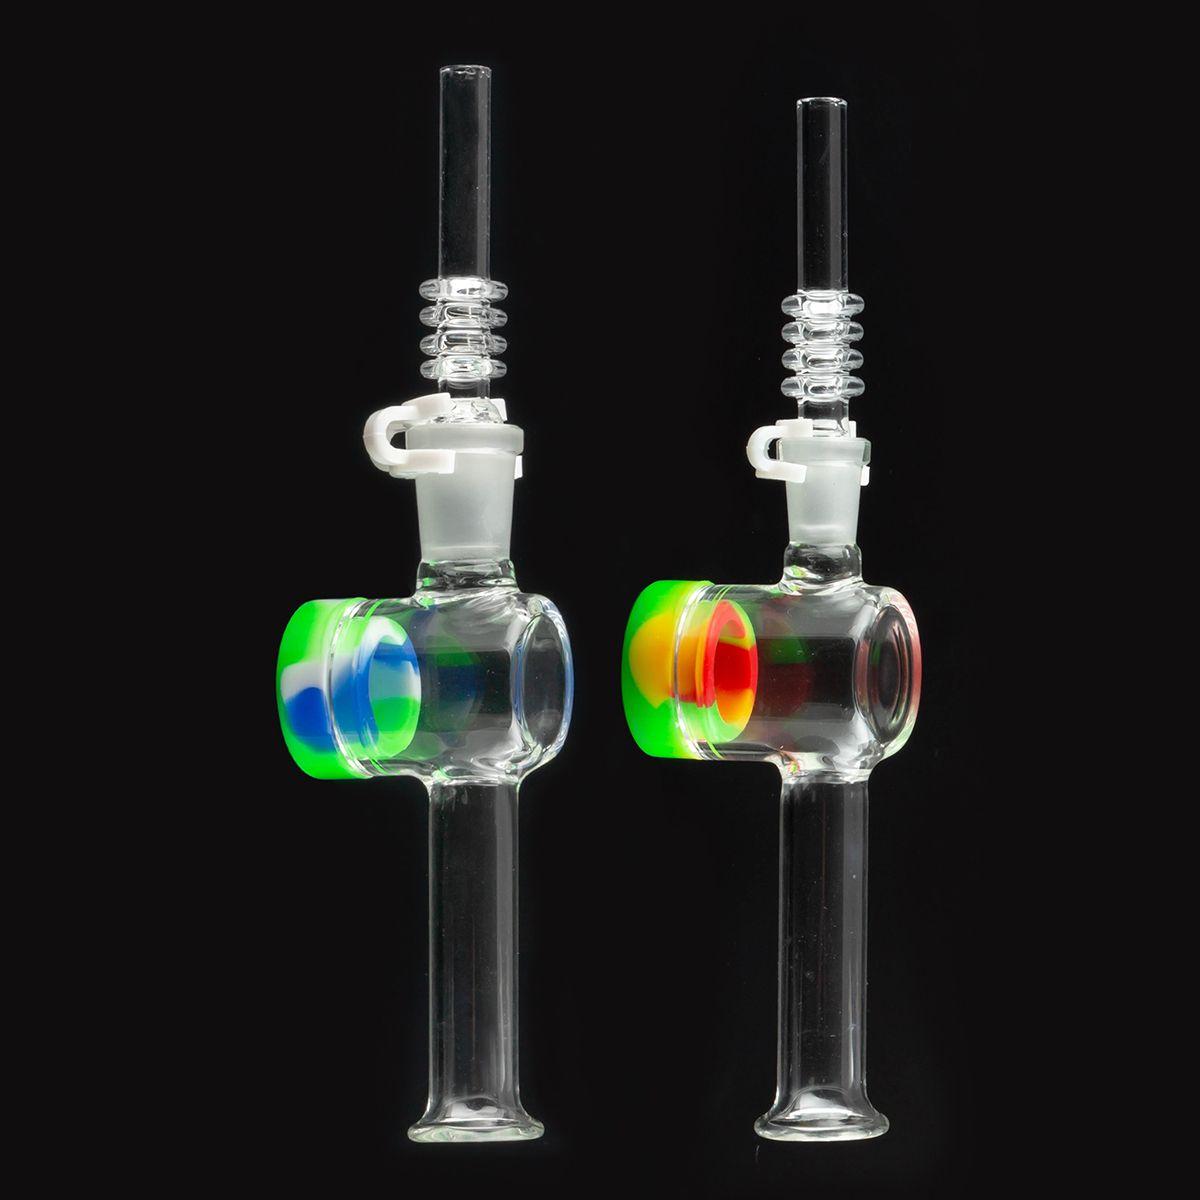 Mini Nectar vidro água Bong Collector Kit com 10 milímetros 14 milímetros de quartzo Dicas Keck Clipe Container Recuperadora Nector Collector Kit para Fumar